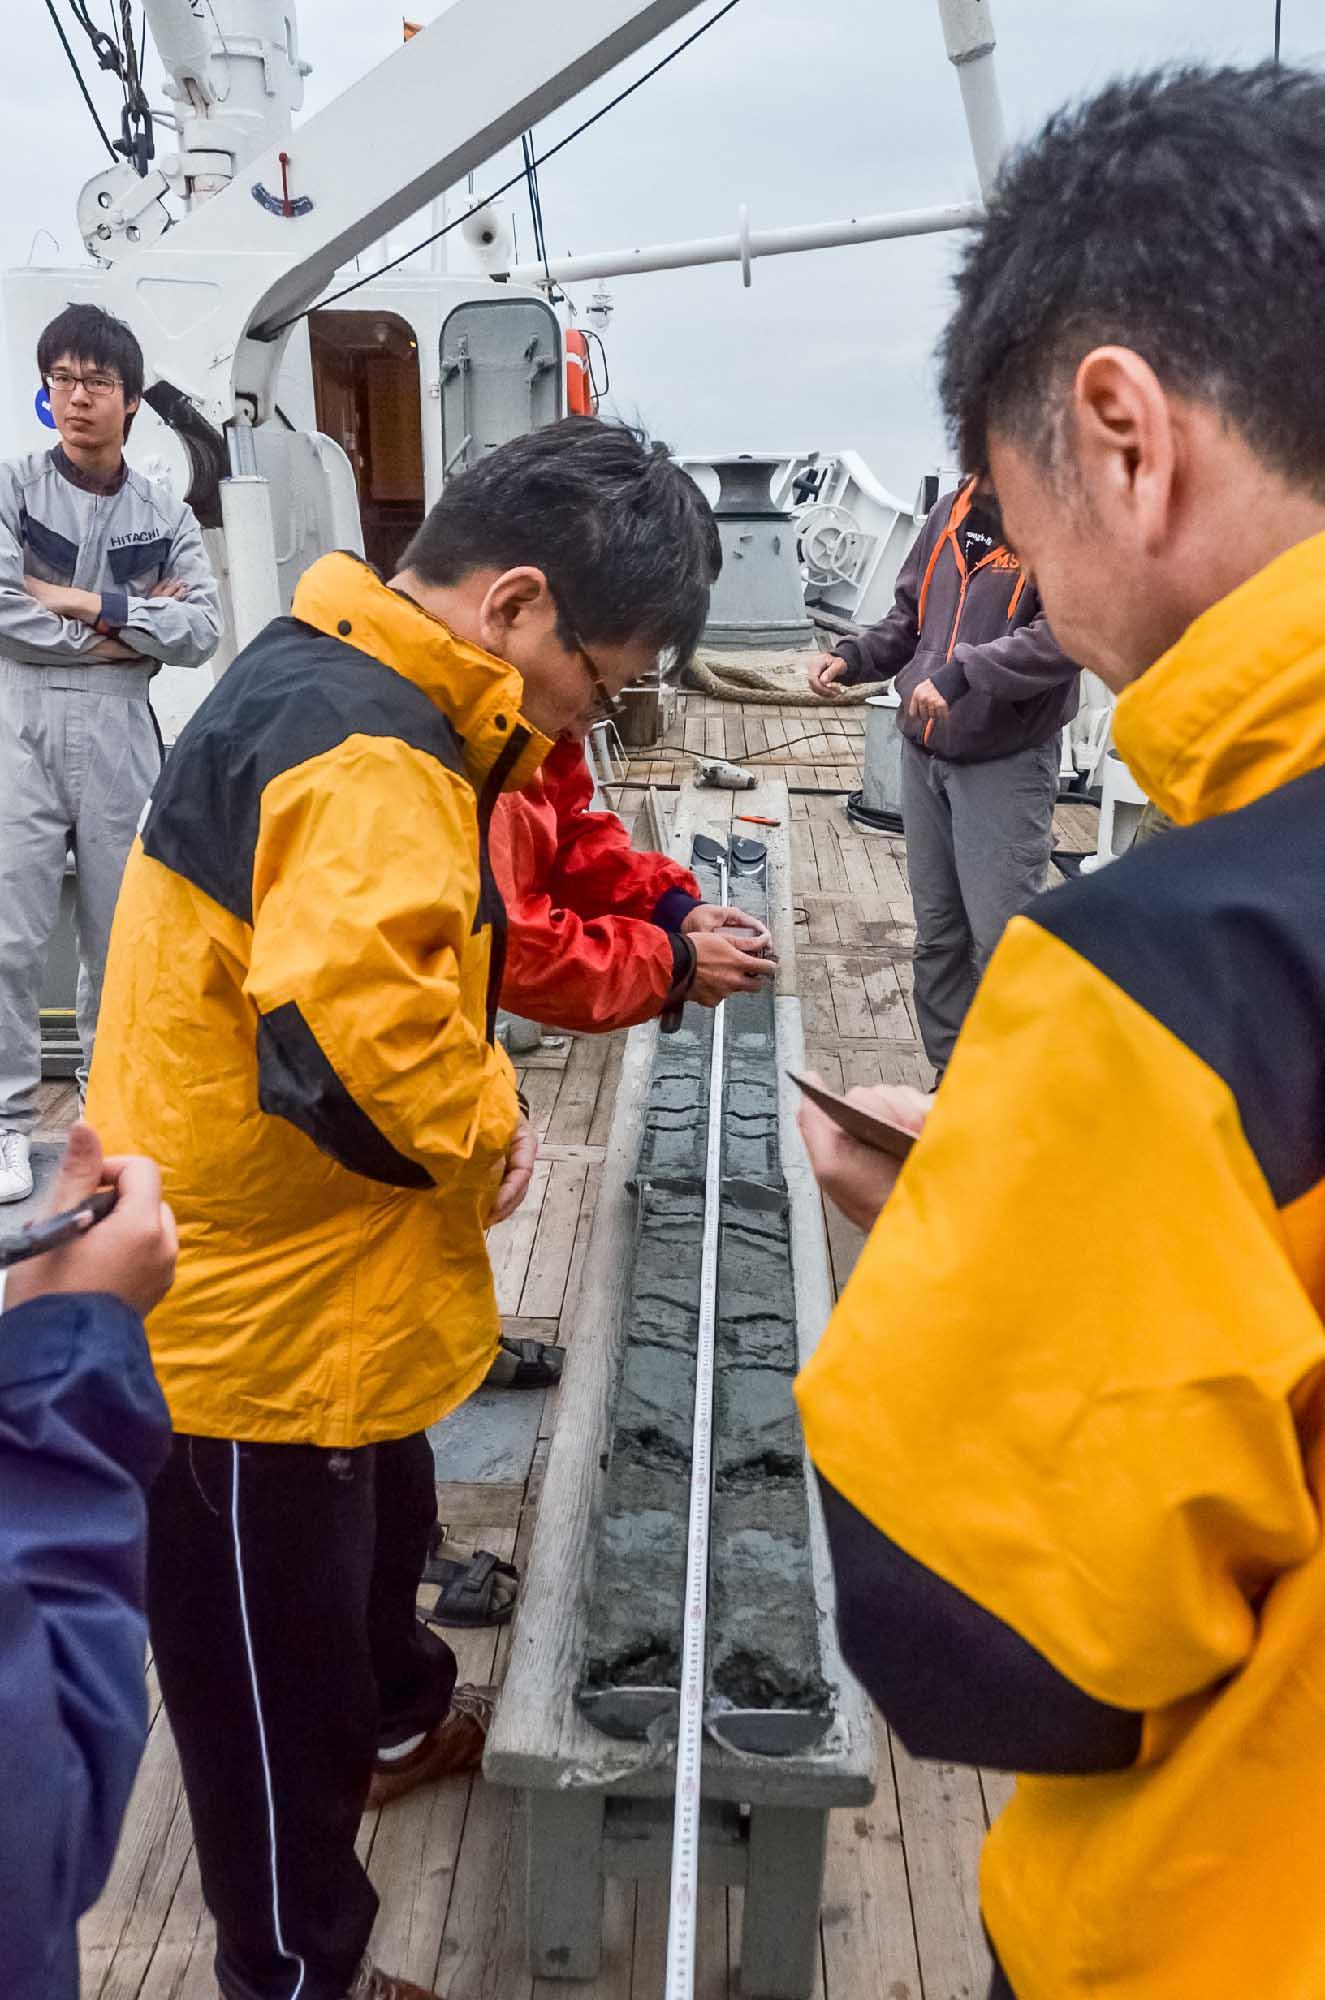 Японские ученые изучают геологический разрез по керну из трубы.